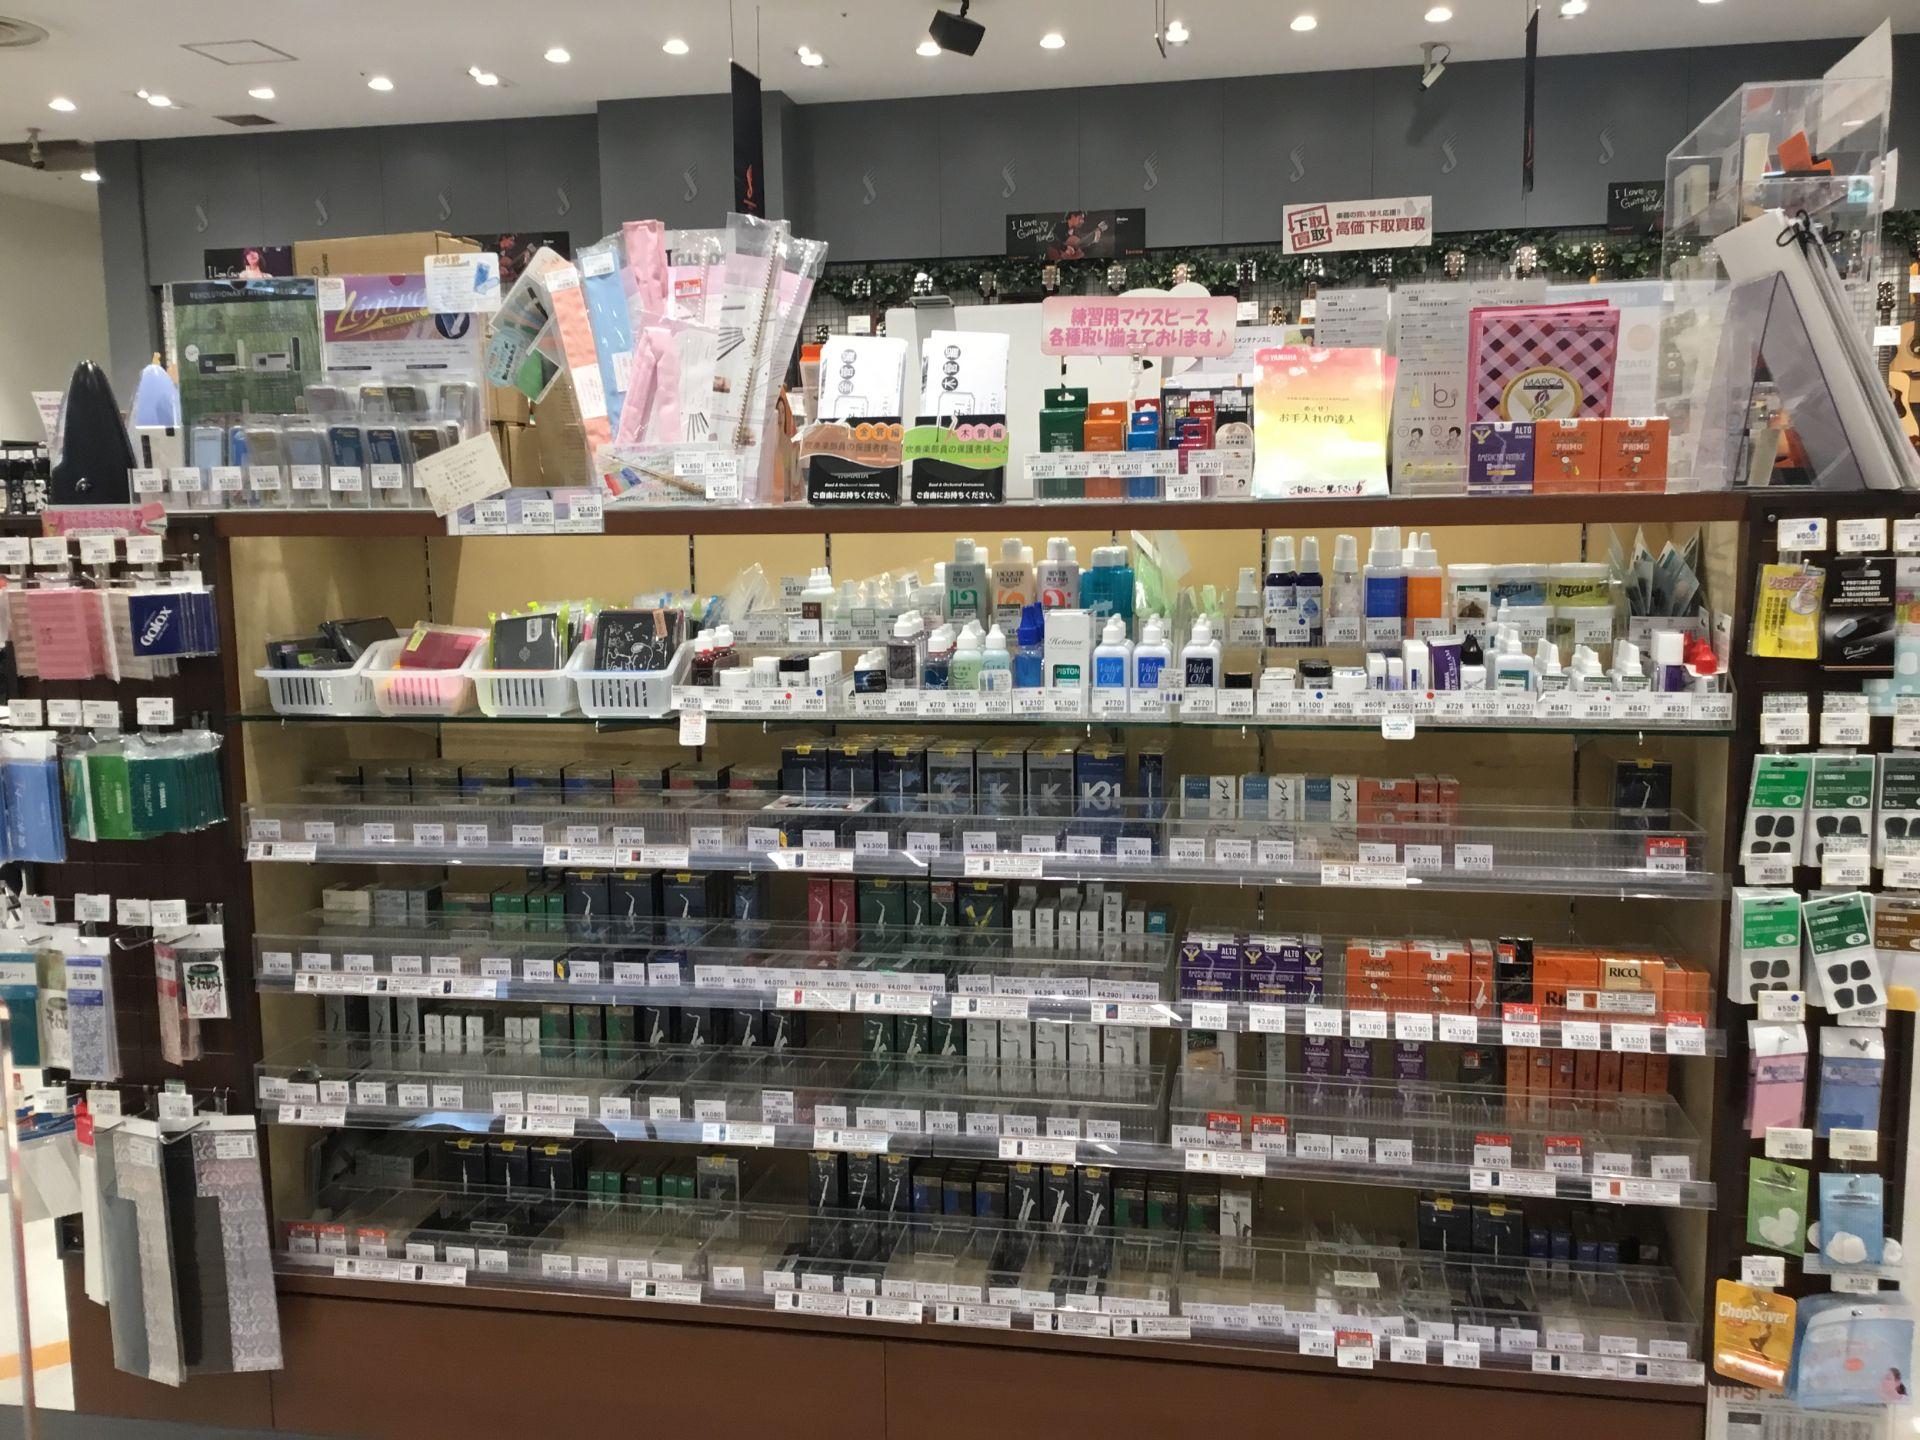 島村楽器イオンモール高崎店 リードコーナー